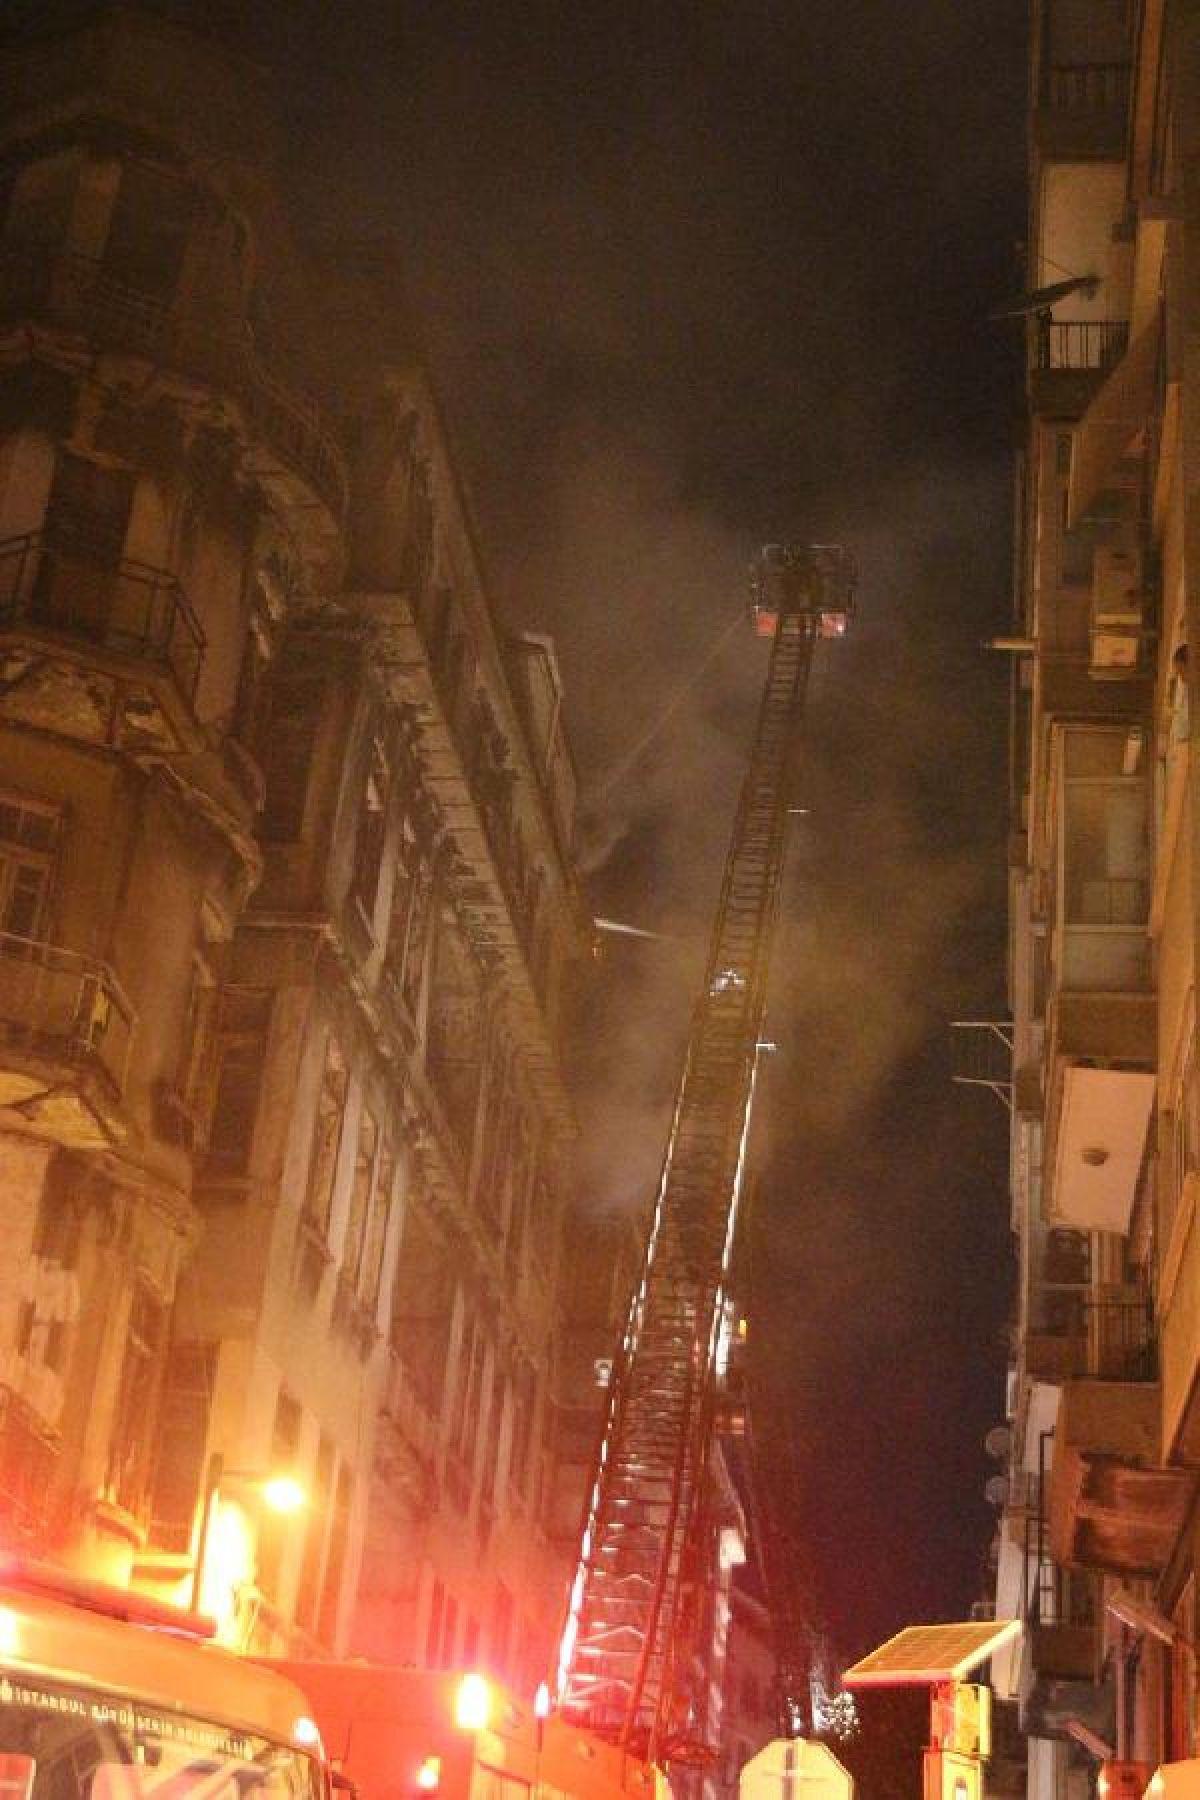 Şişli'de kullanılmayan 3 binanın çatısı yandı #6